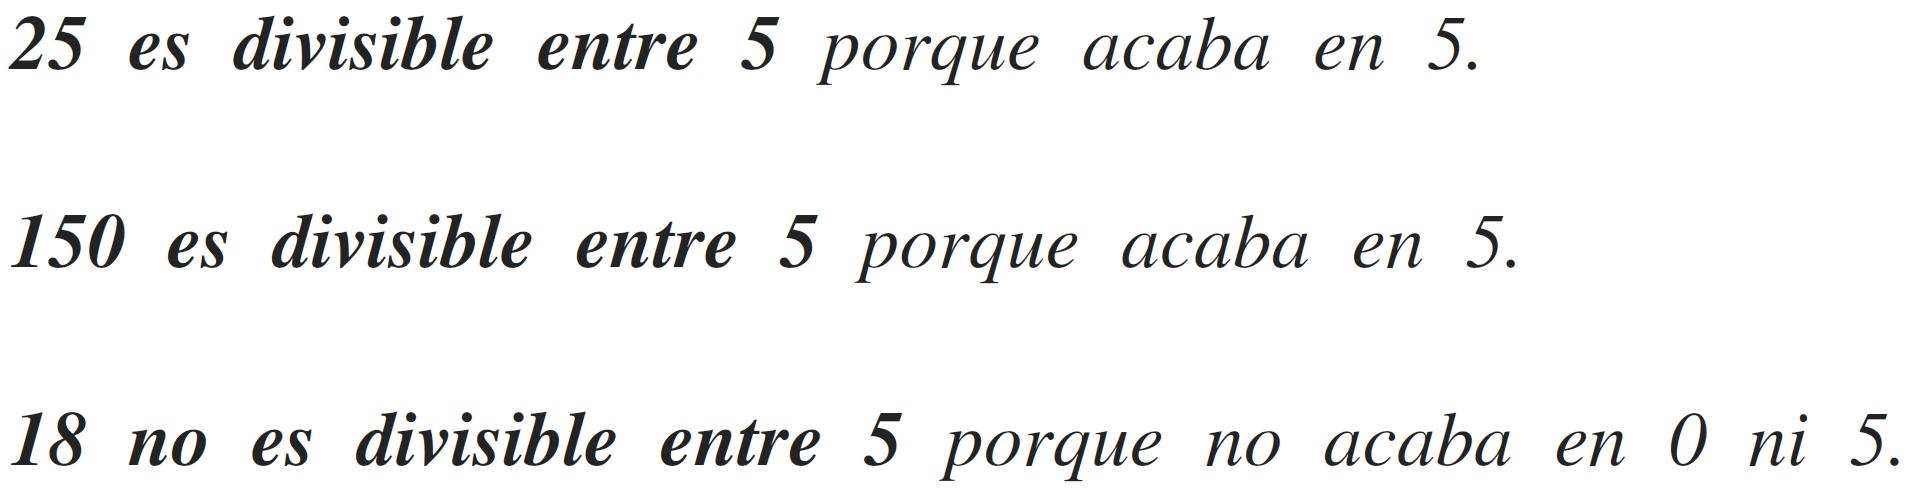 criterios de divisibilidad del 5